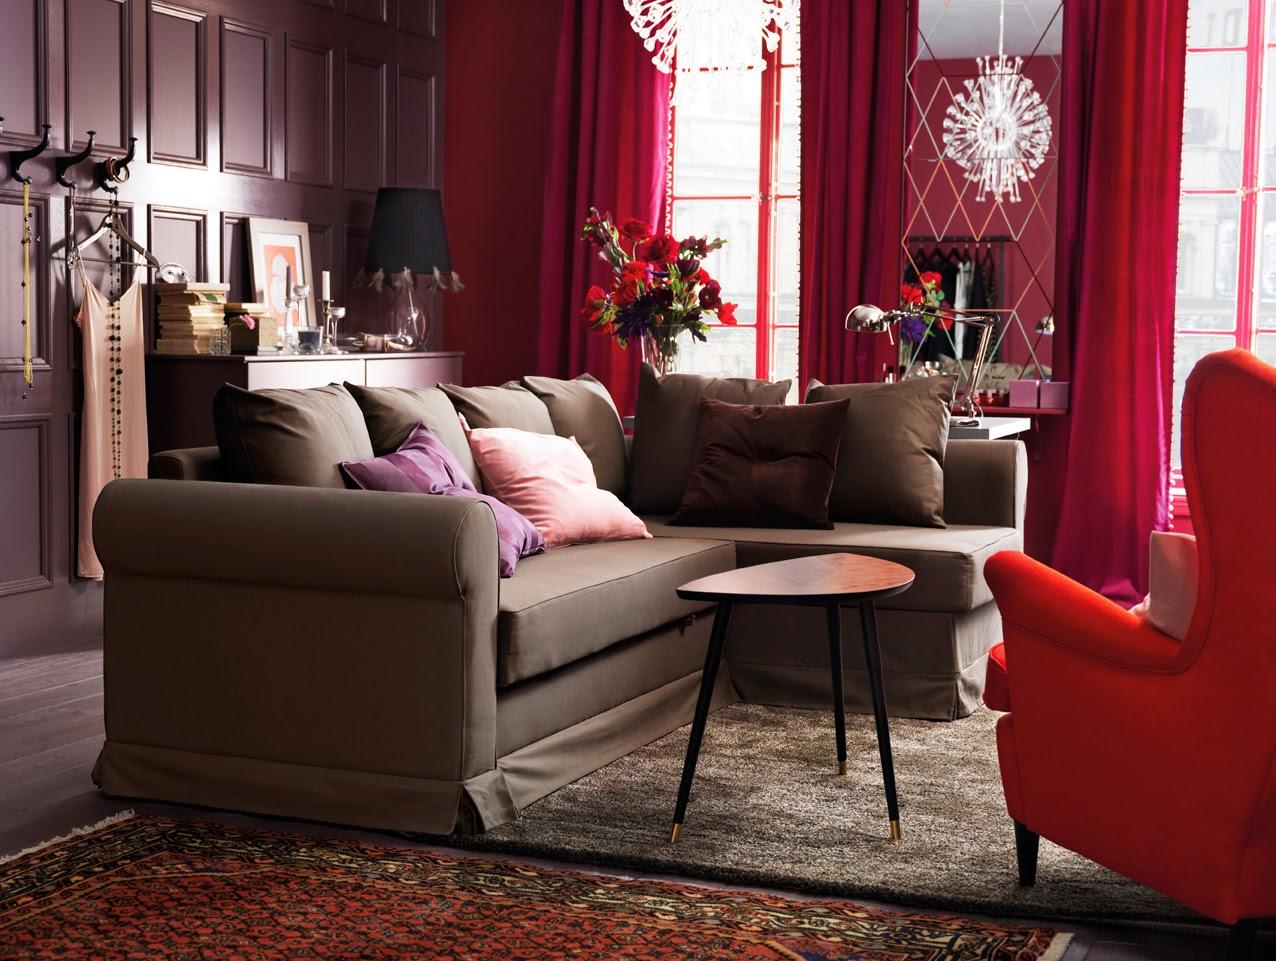 Novedades del cat logo 2015 de ikea dormitorios y salones Ikea catalogo sofas cama